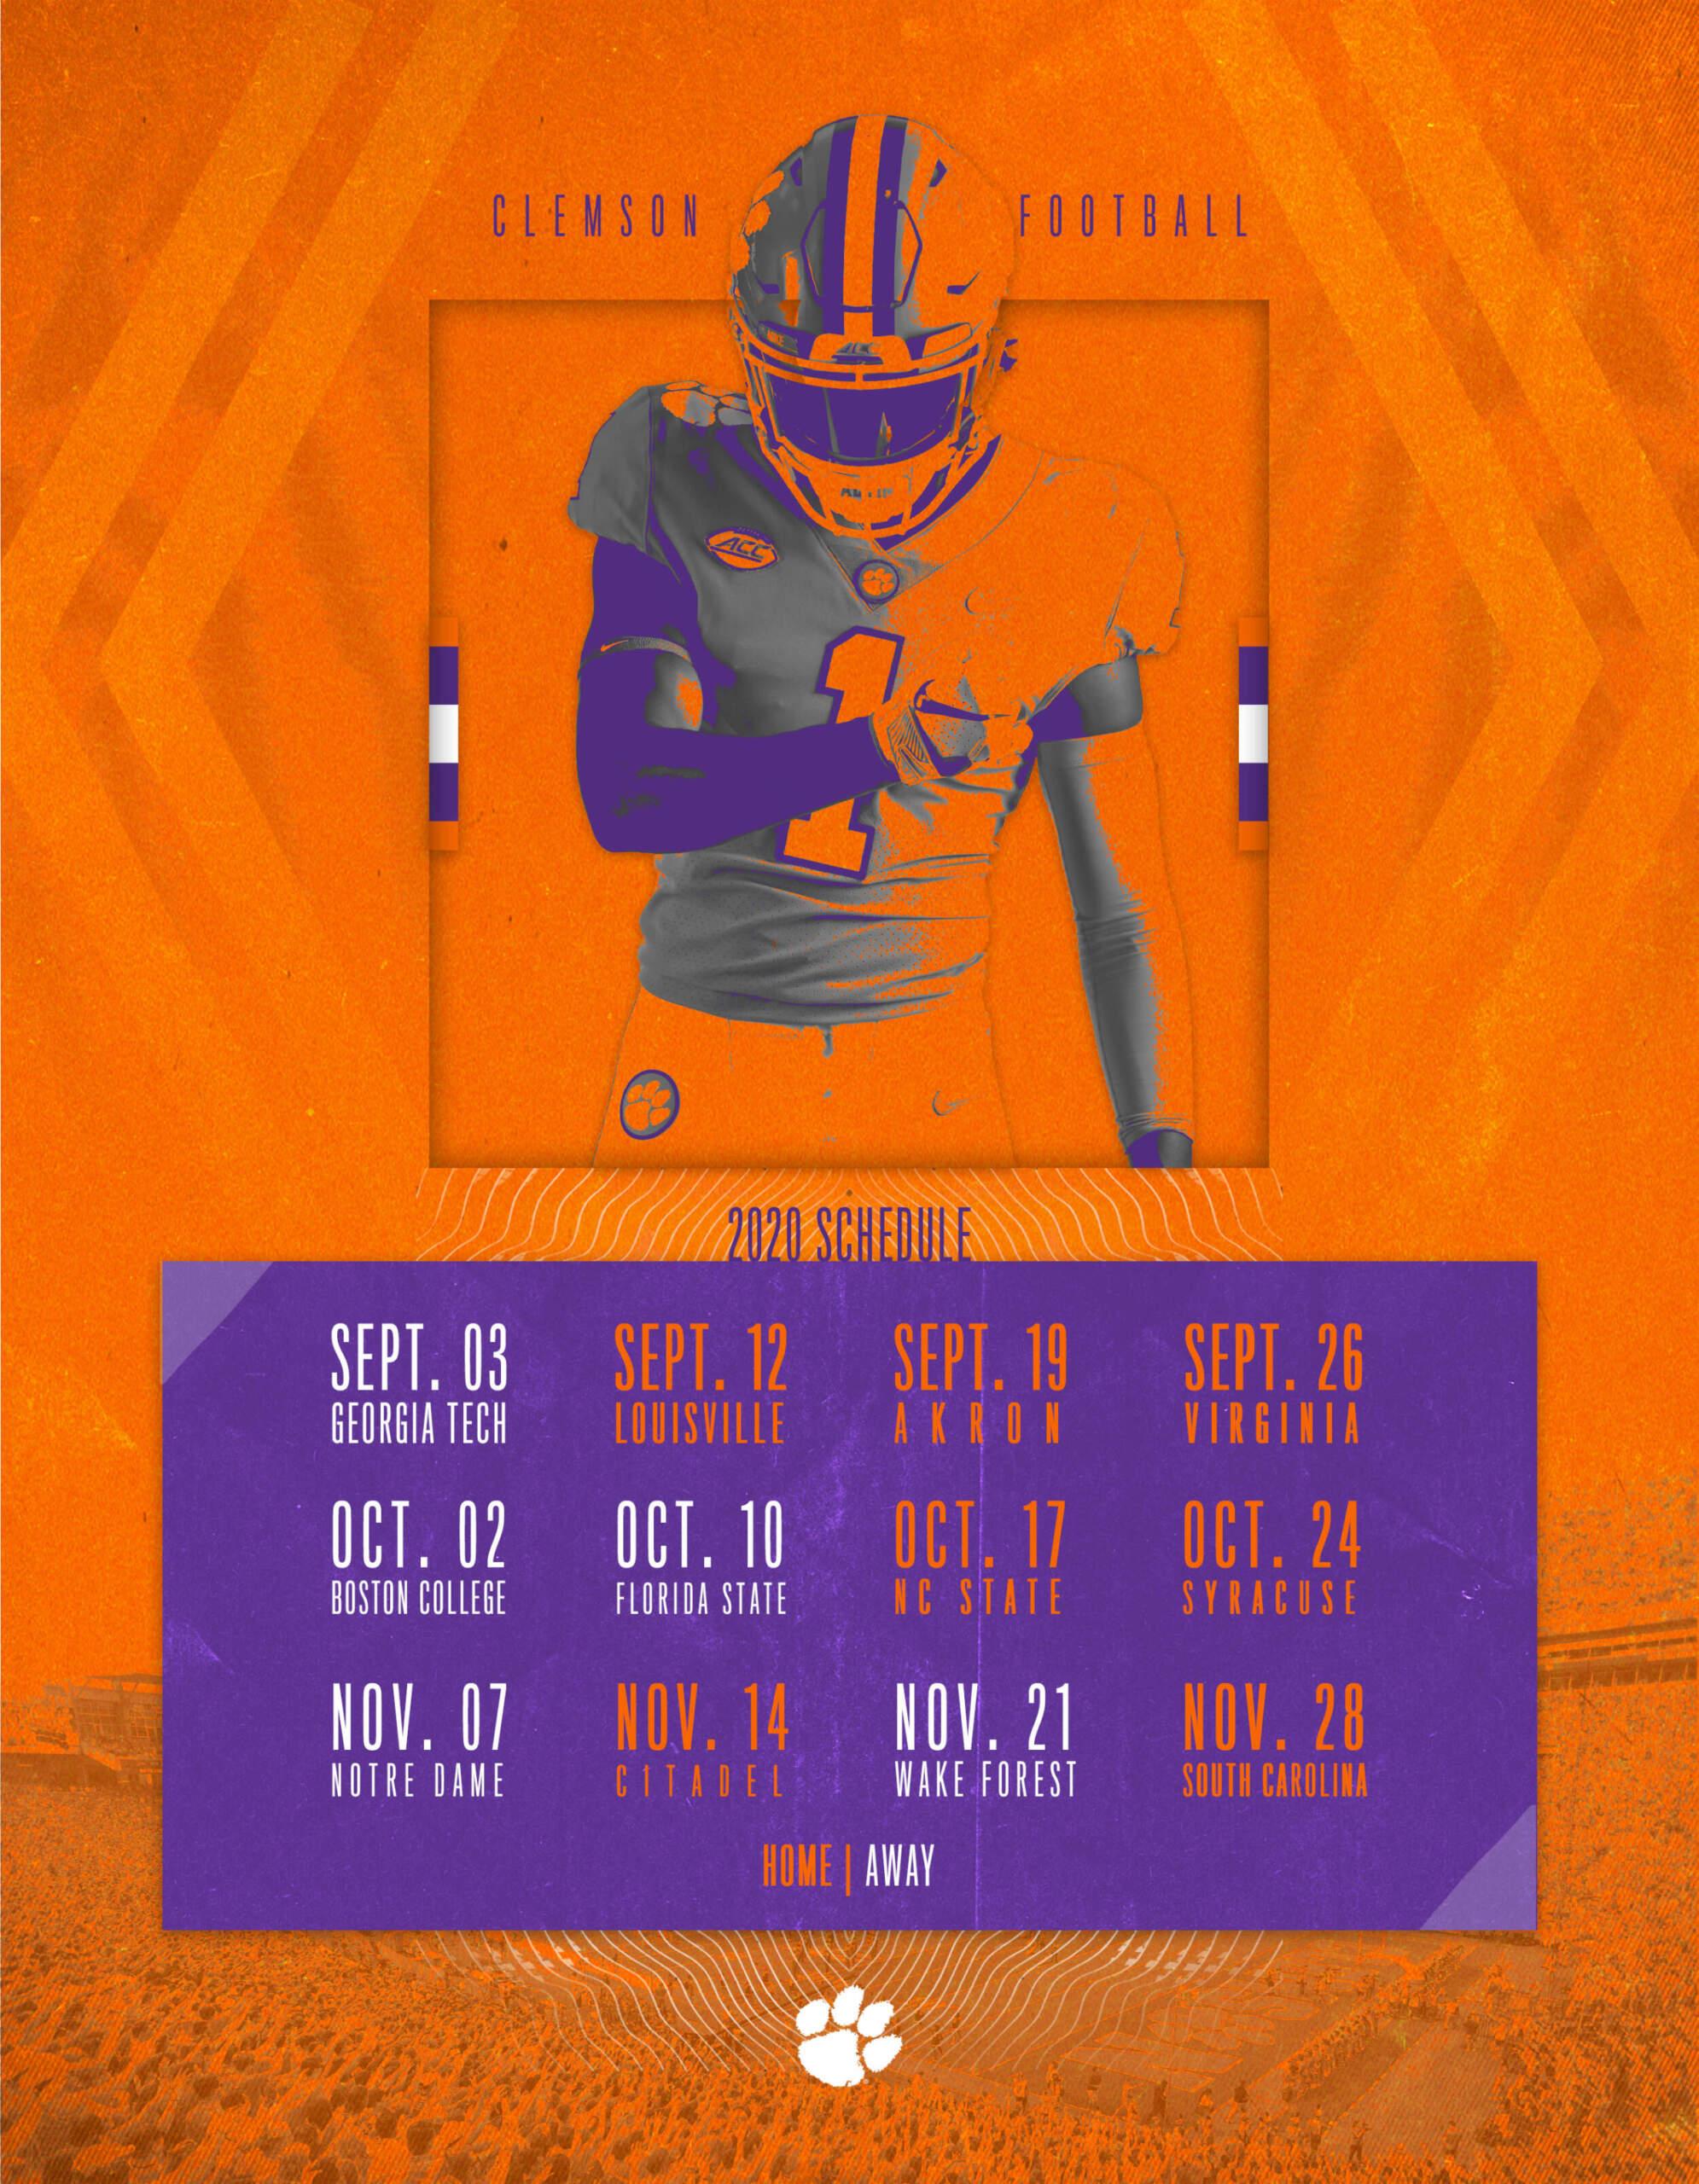 Clemson Calendar Fall 2021 Clemson Announces 2020 Football Schedule – Clemson Tigers Official